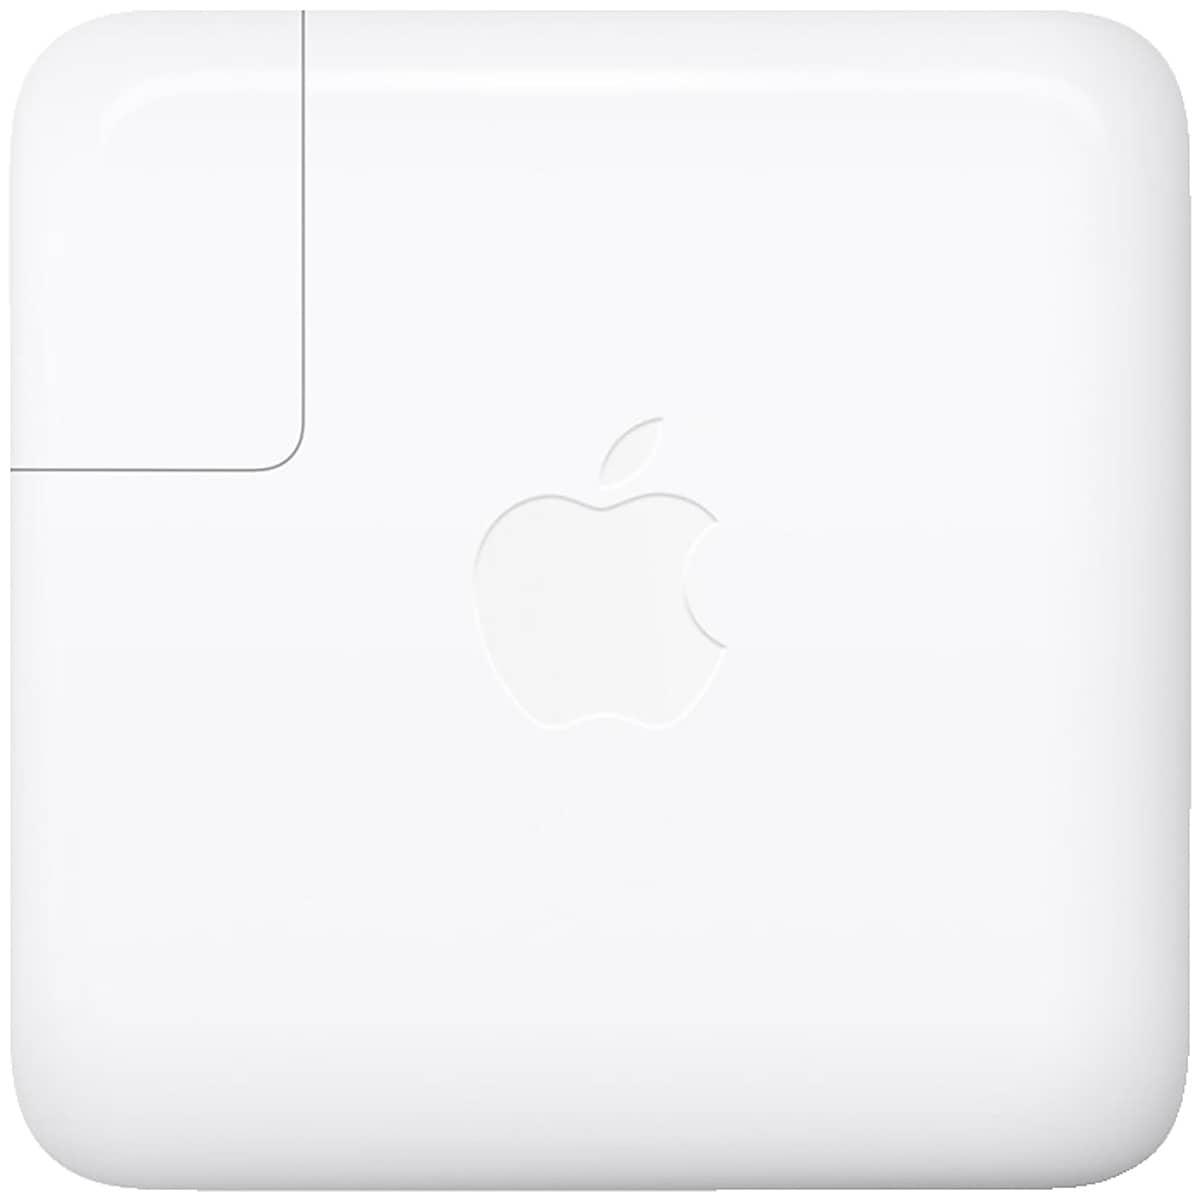 Strömadapter för MacBook USB-C 61 W Apple